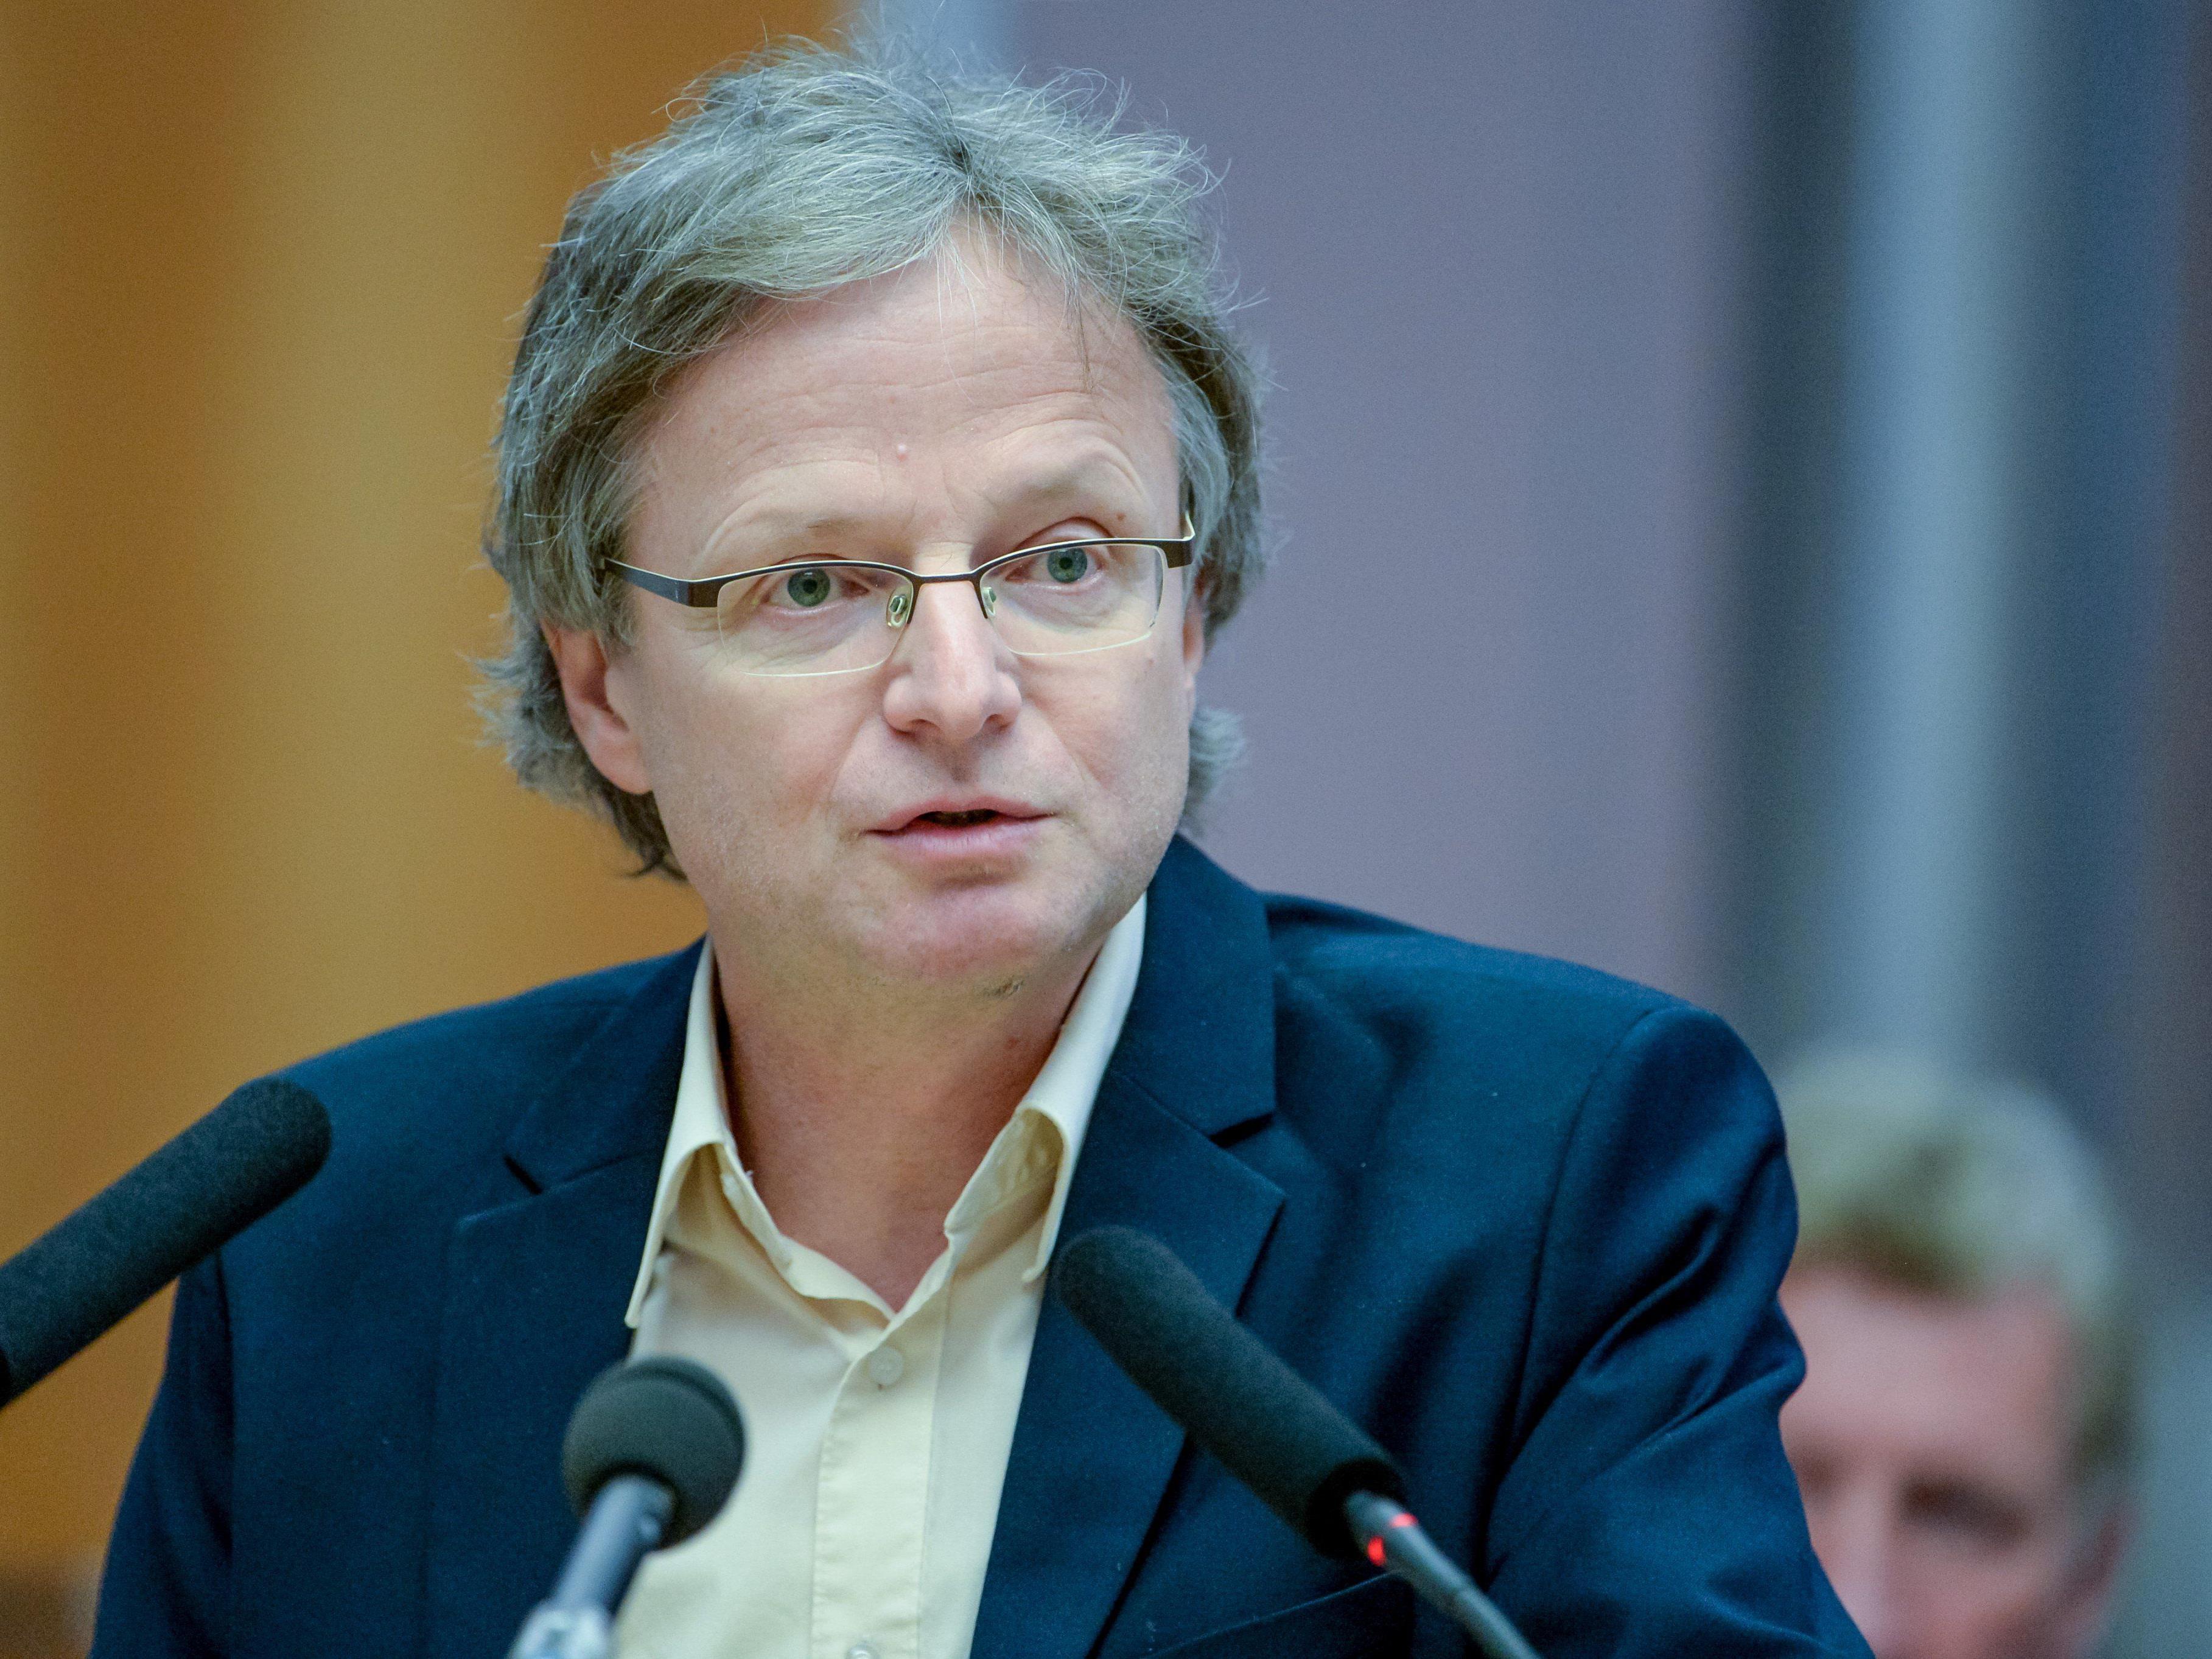 Adi Gross findet kritische Worte für den Umgang mit der Flüchtlingssituation.